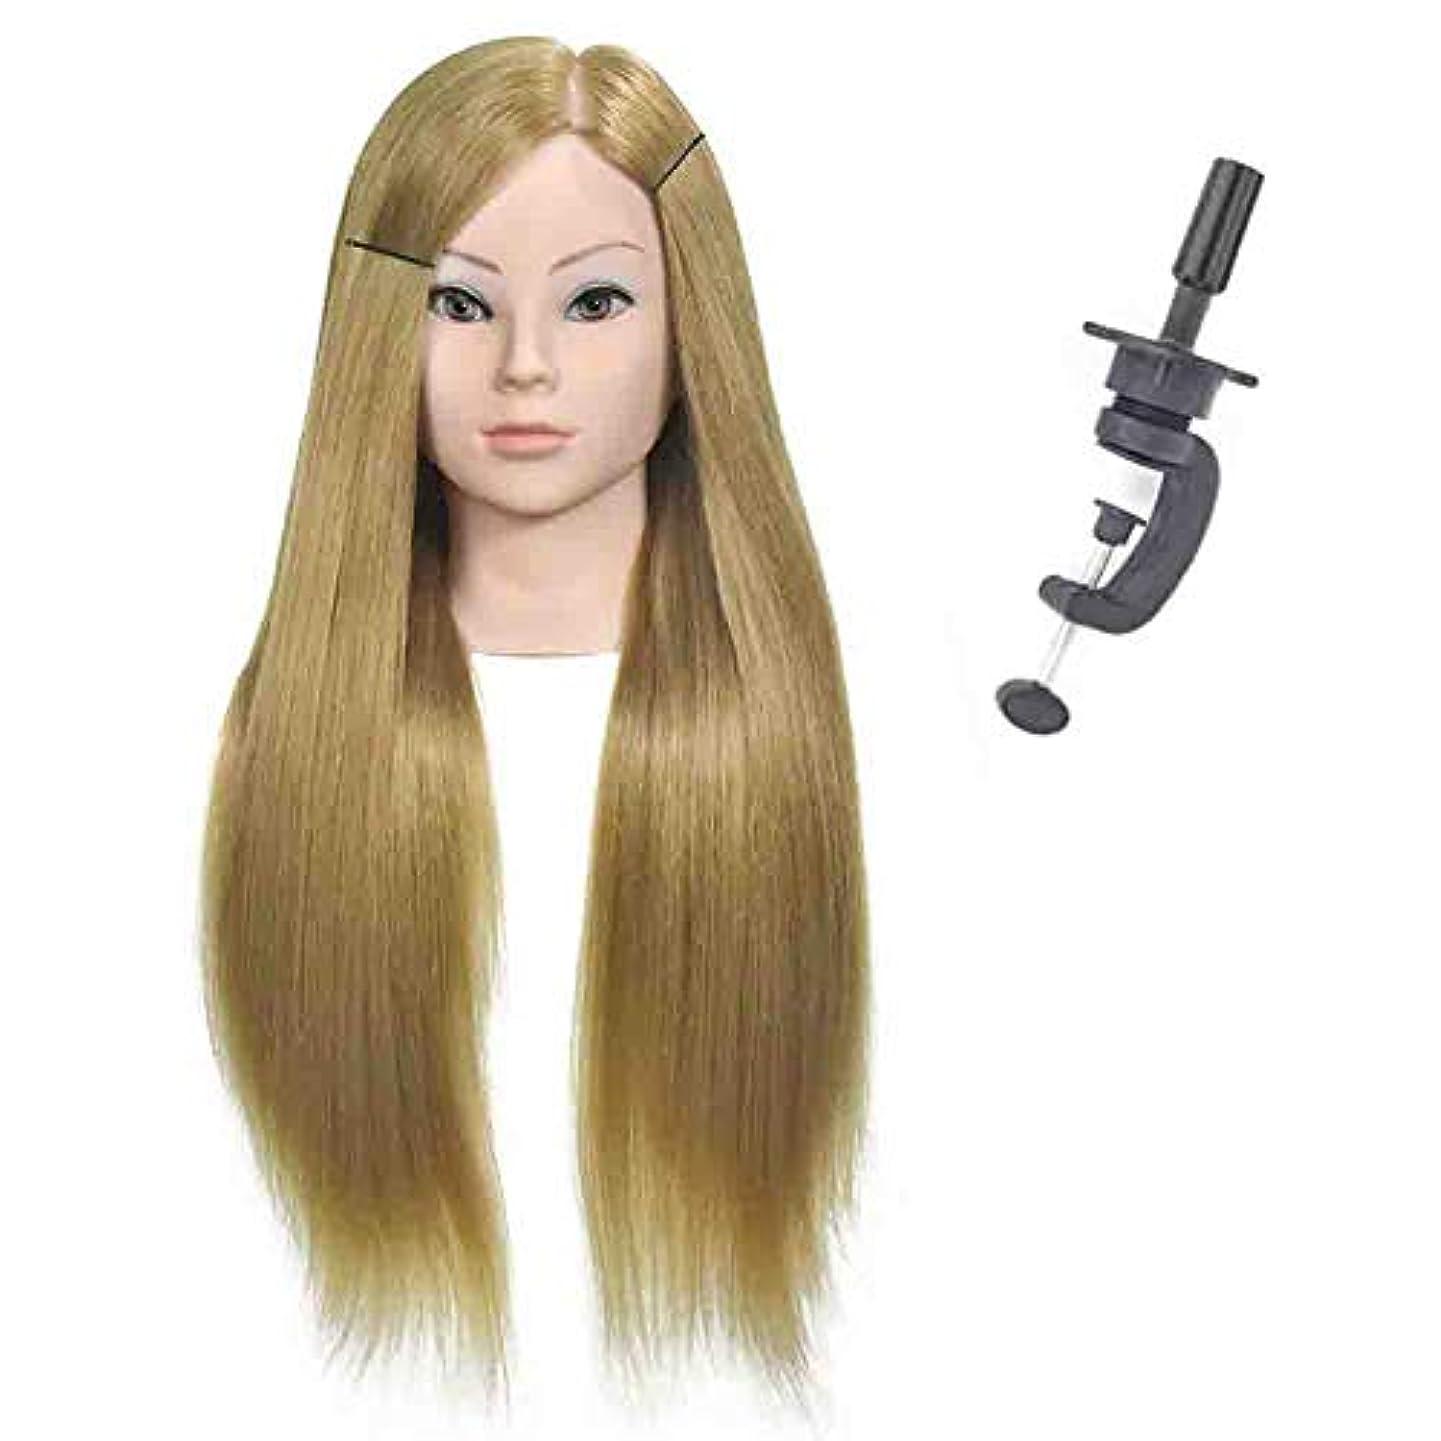 分析的無駄だ演劇花嫁メイクモデリング教育ヘッド本物の人物ヘアダミーヘッドモデル理髪店学習パーマ髪染めモデルヘッド